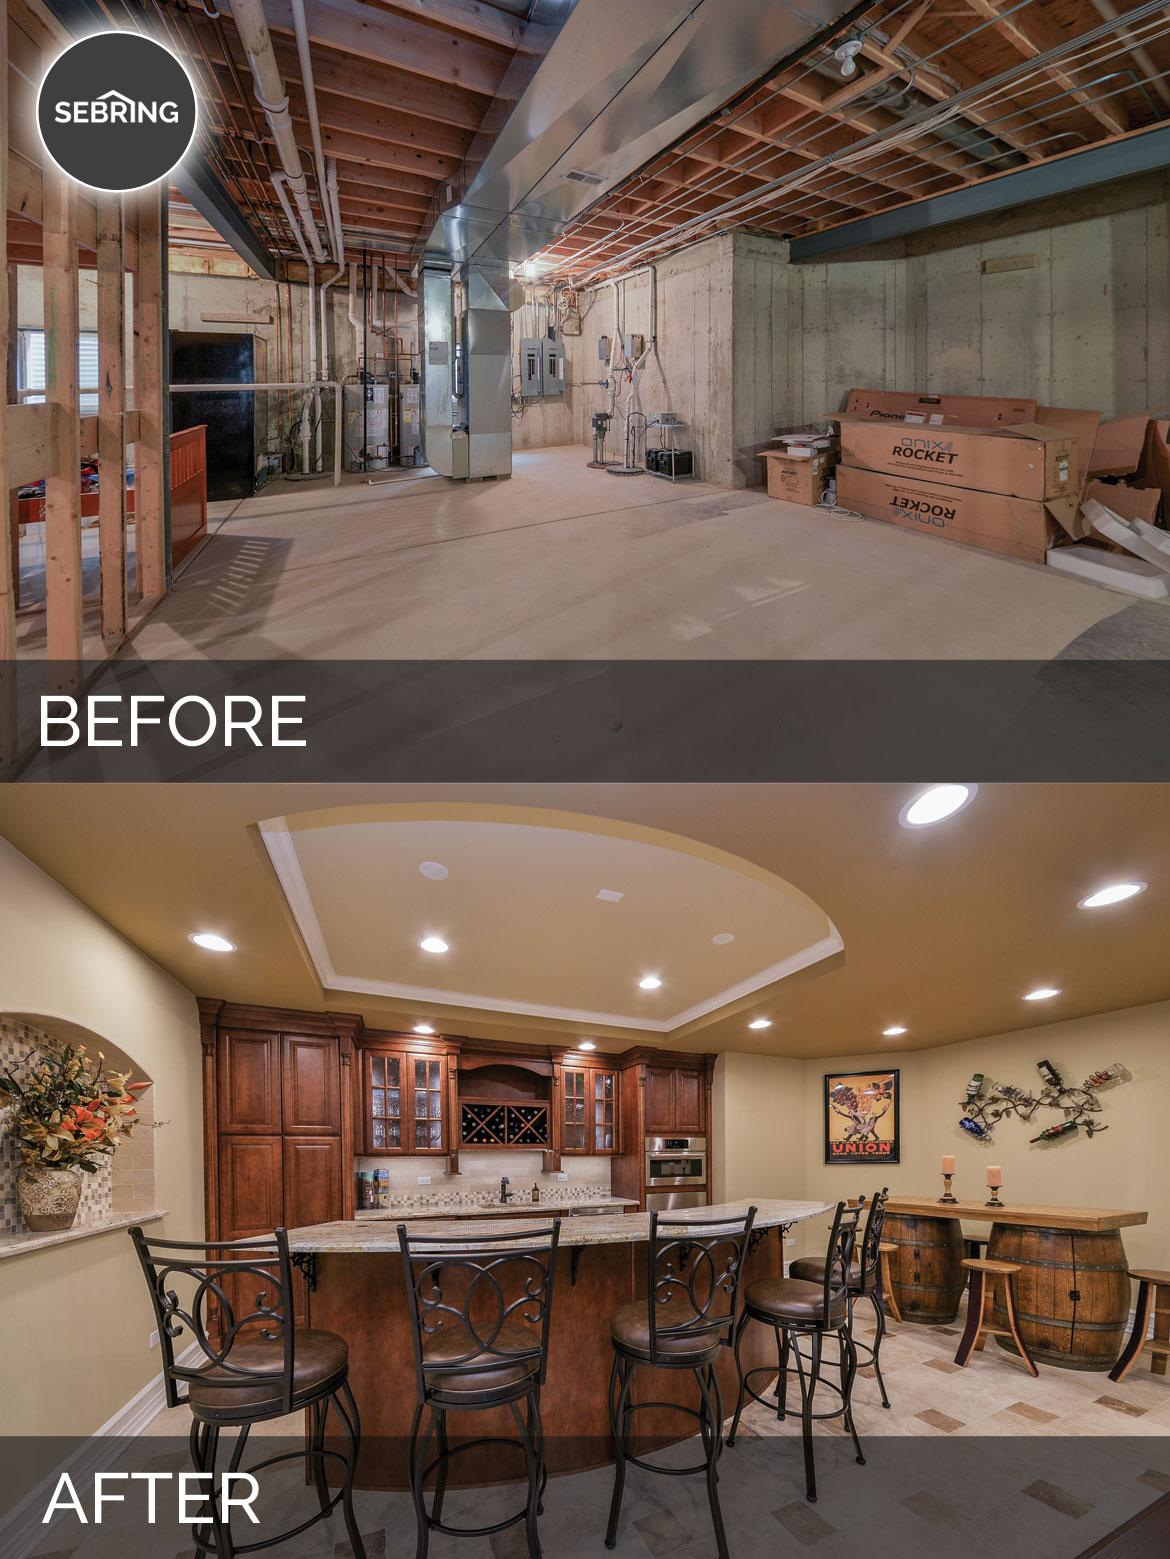 Basement Remodel Naperville Before & After - Sebring Design Build